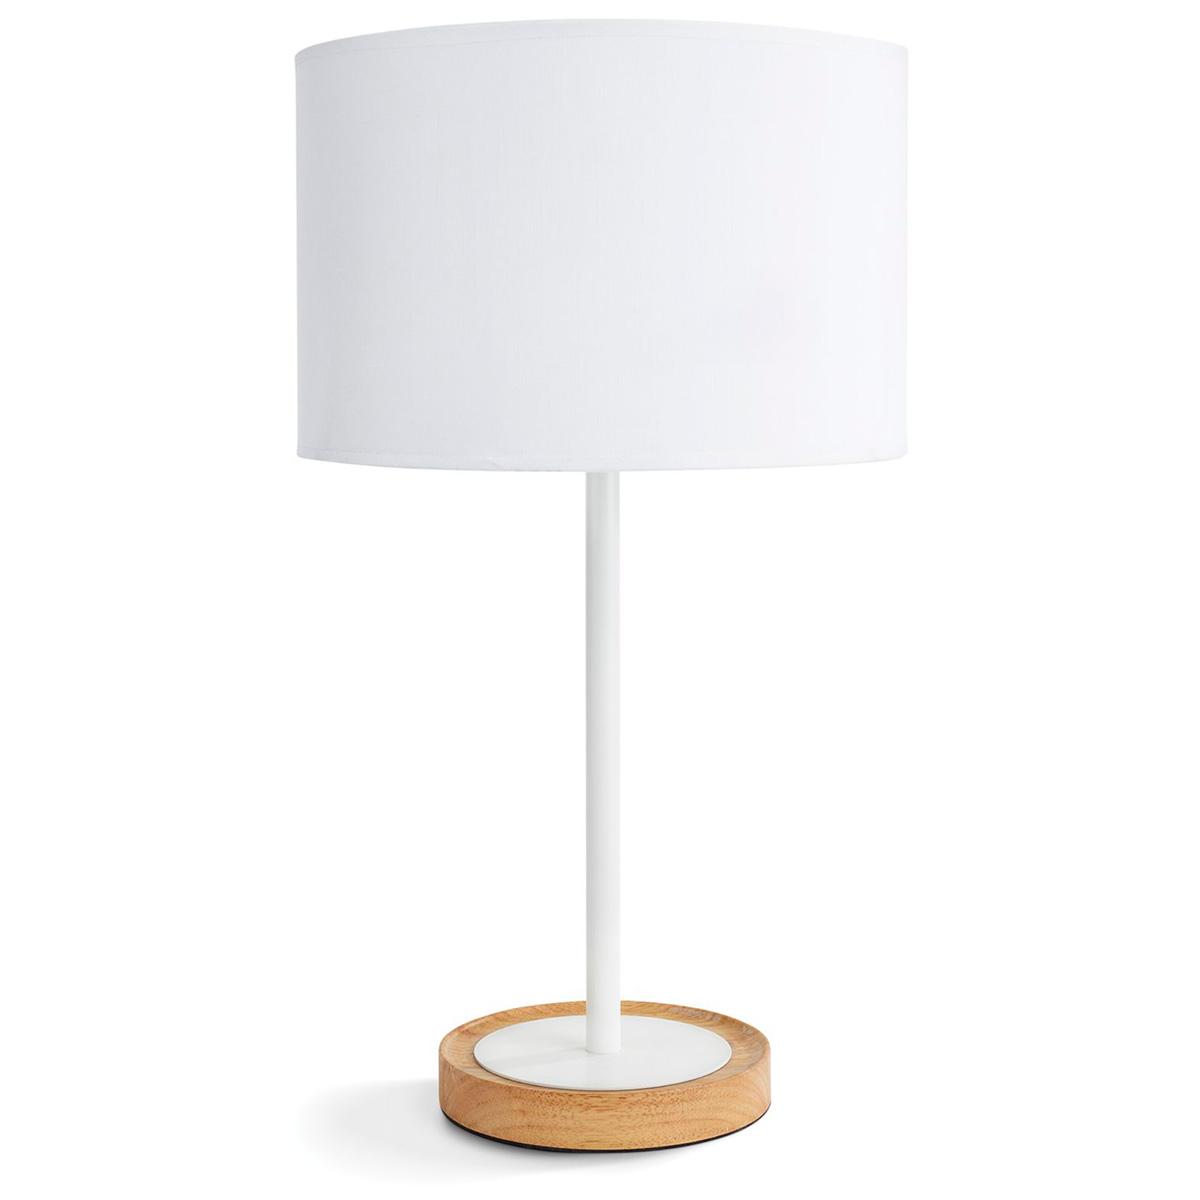 Image of   Philips myLiving bordlampe - Limba - Hvid